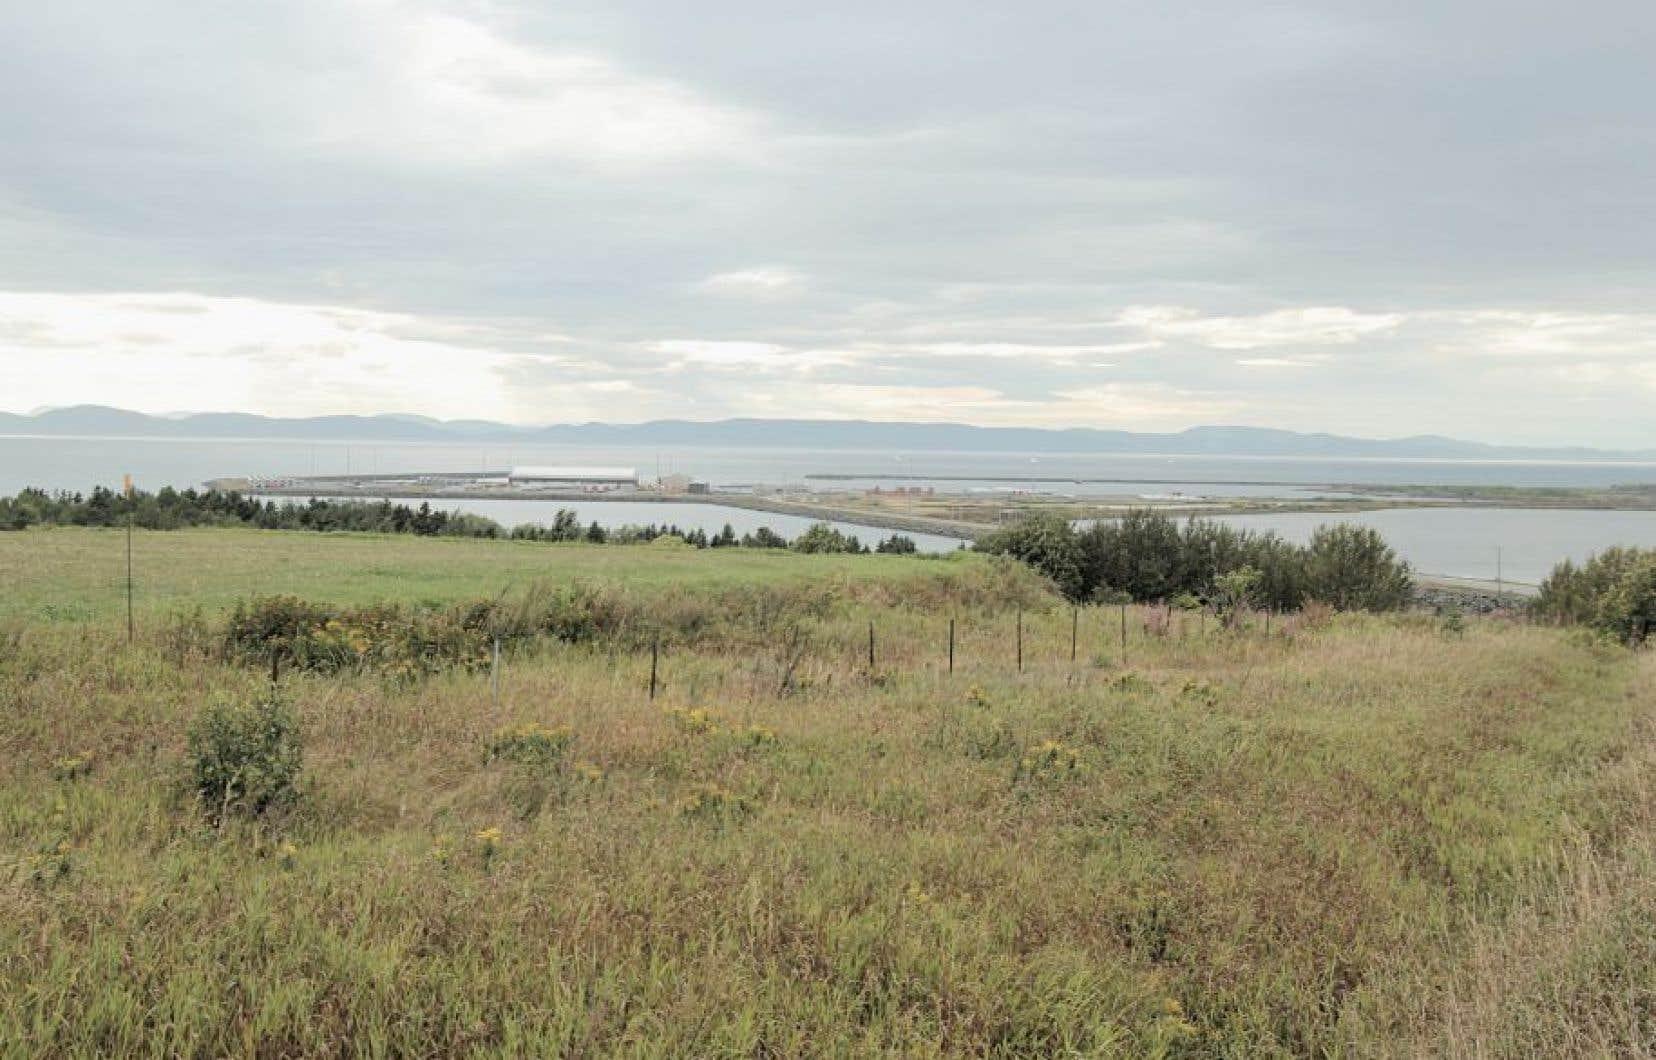 La compagnie TransCanada confirme qu'elle ne construira pas de terminal maritime ou de réservoirs connexes à Cacouna, au Québec.